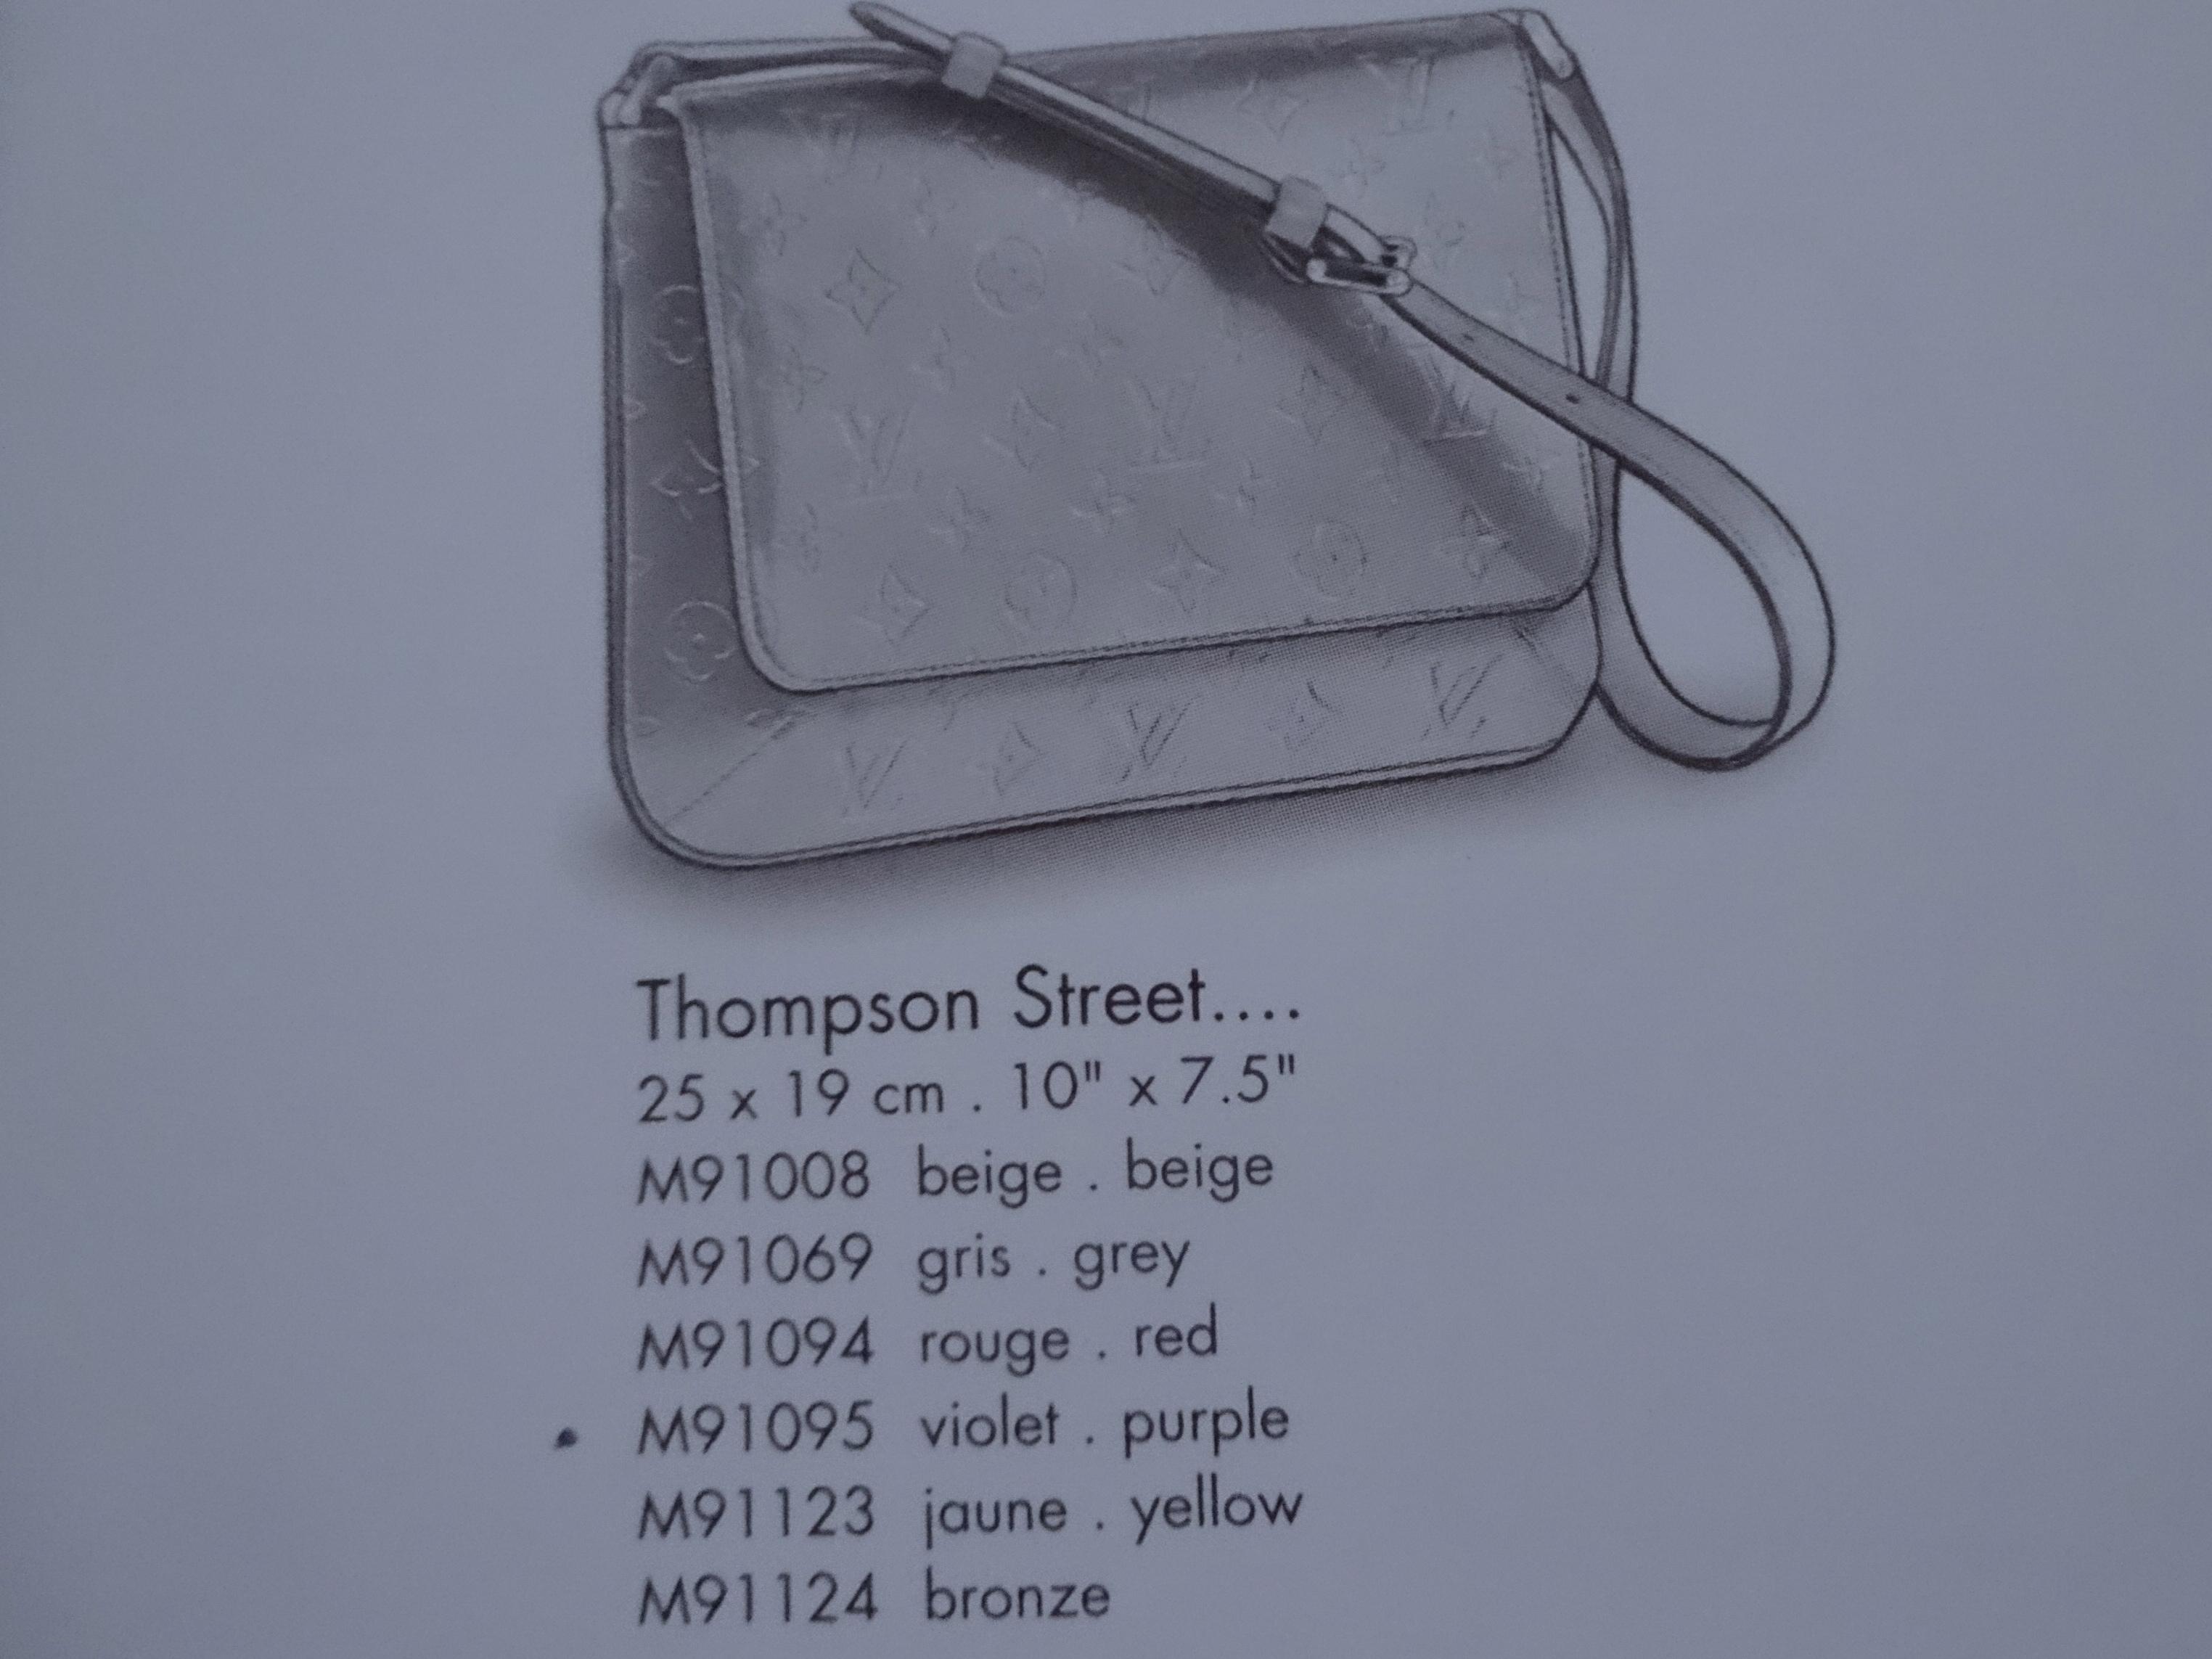 Thompson Street (c) Louis Vuitton Le Catalogue 2001